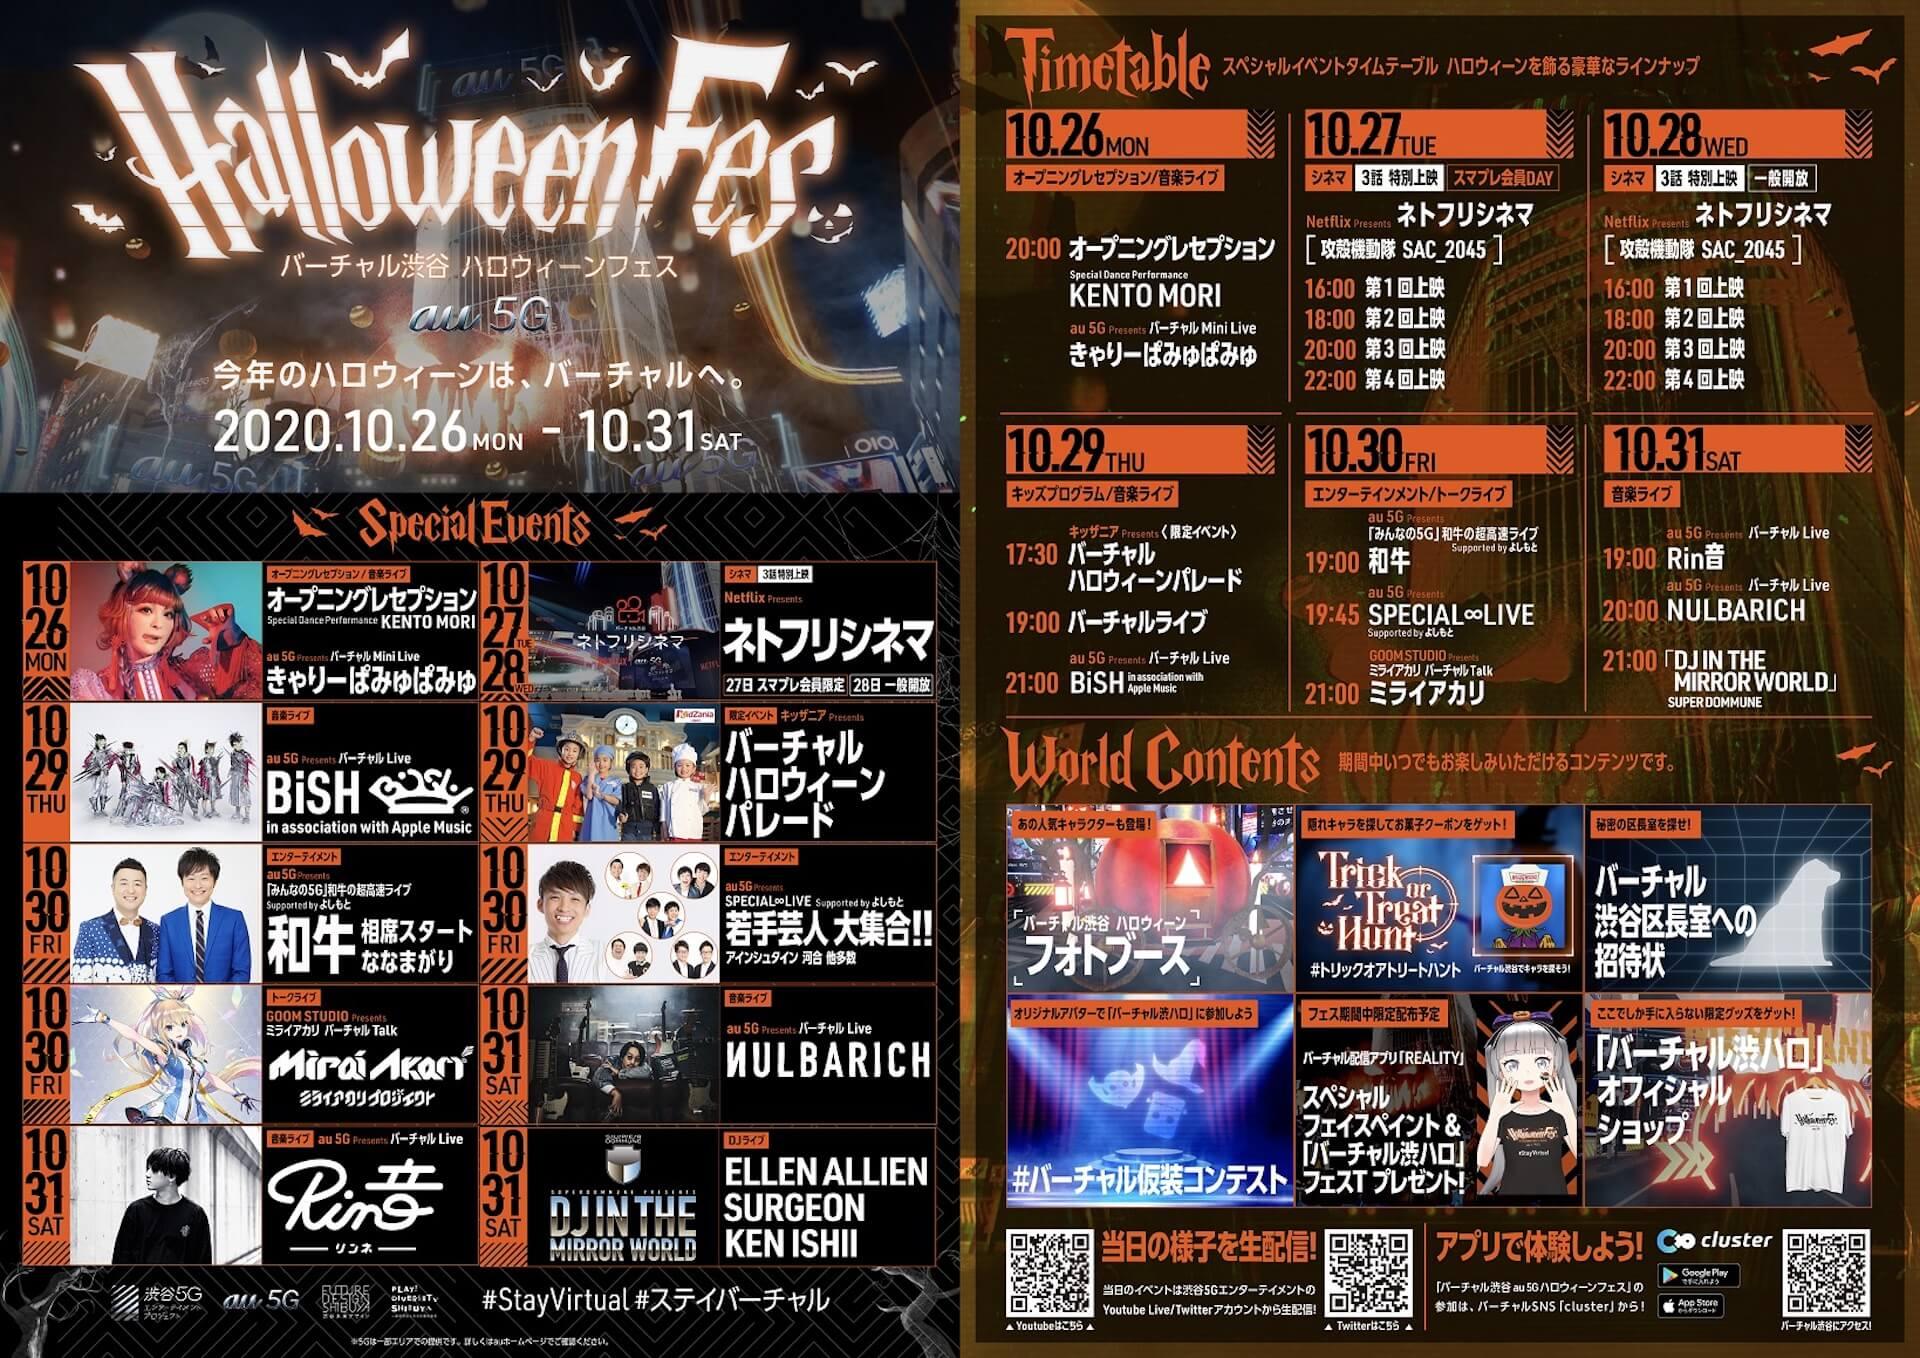 <バーチャル渋谷 au 5G ハロウィーンフェス>がついに本日開幕!最終日はEllen Allien、SURGEONら参加のDOMMUNEコラボイベントも実施 music201026_shibuya_halloween_11